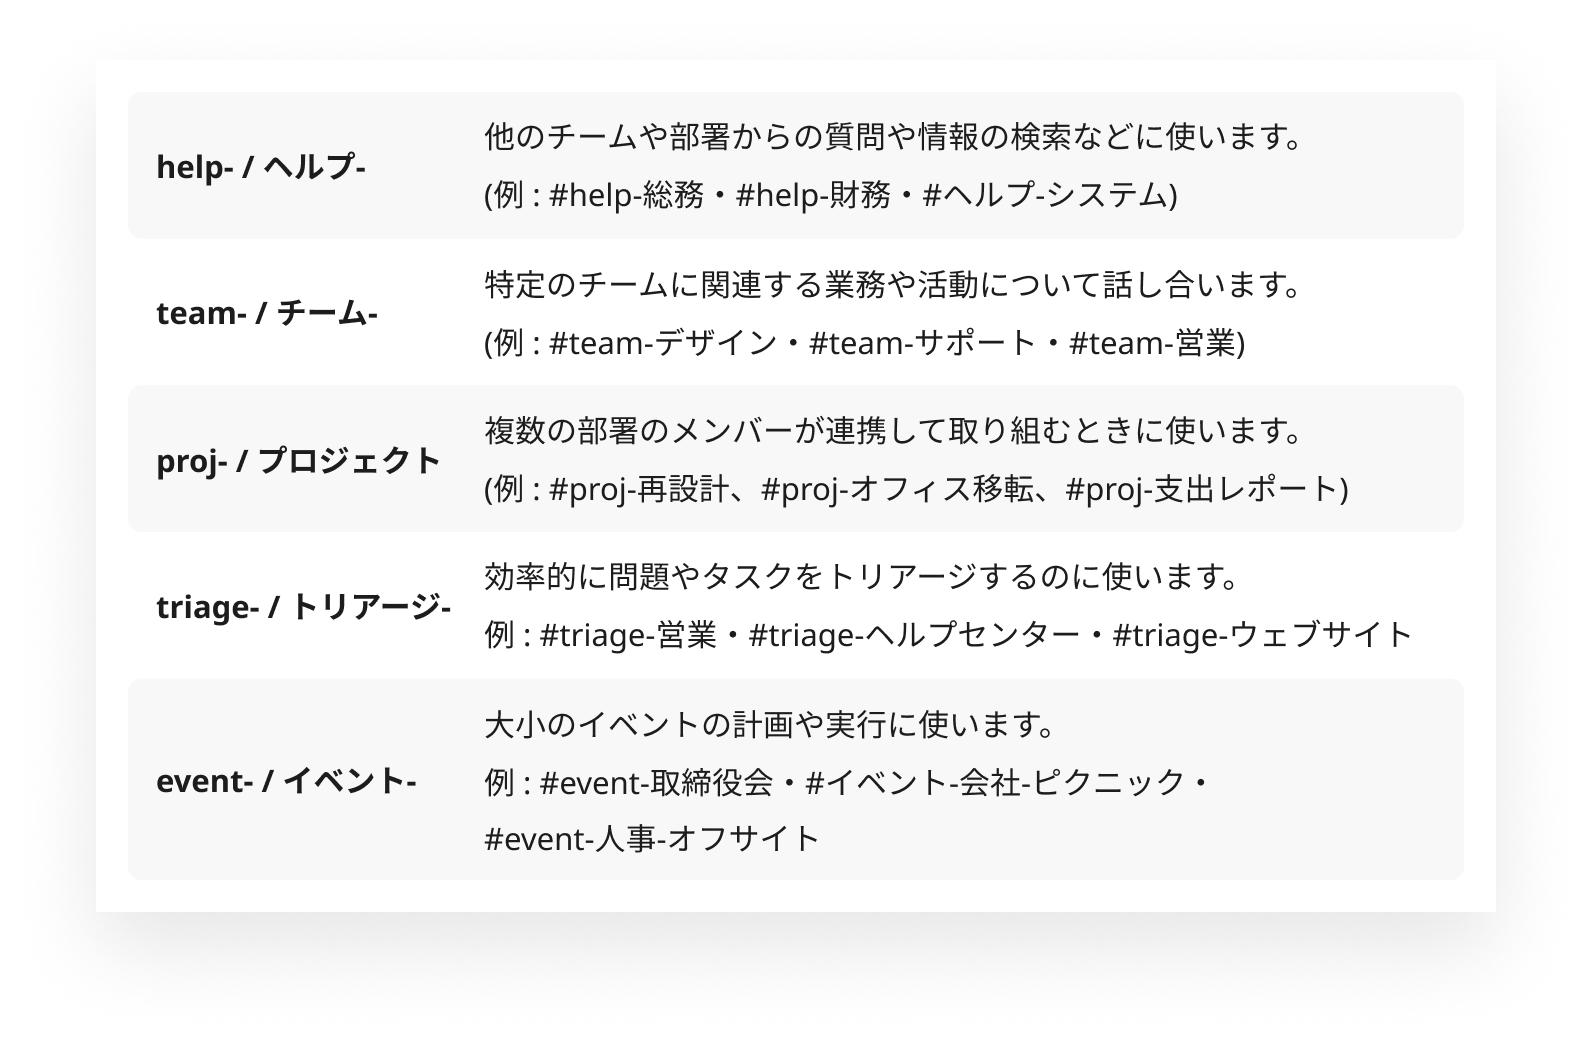 Slack のチャンネル名に付ける効果的なプレフィックスの例